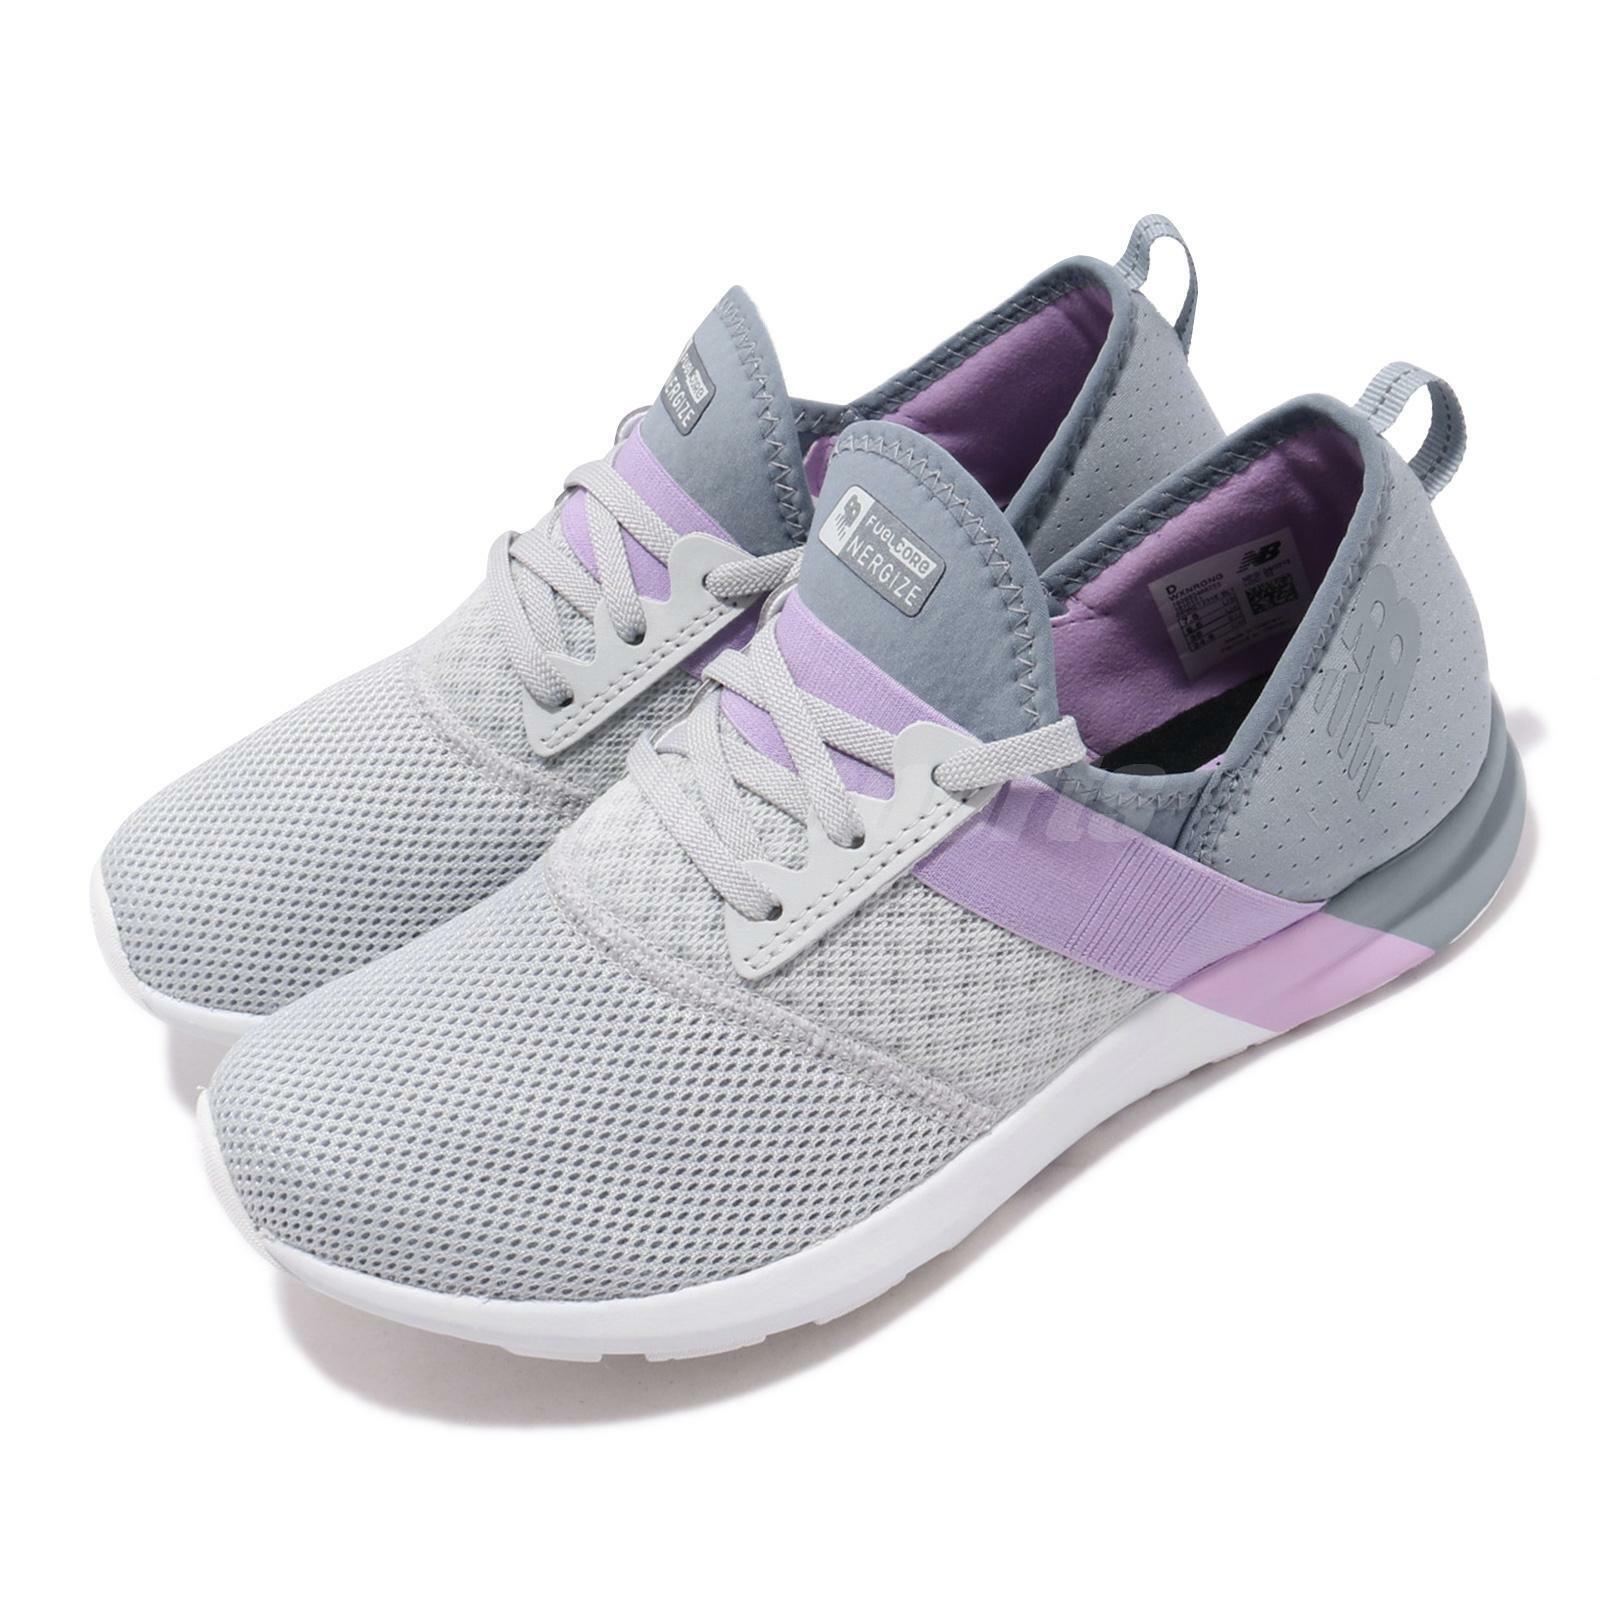 Nuovo equilibrio WXNRGG D  Donne viola larghe e grigie Scarpe scarpe da ginnastica WXNRGGD  più economico